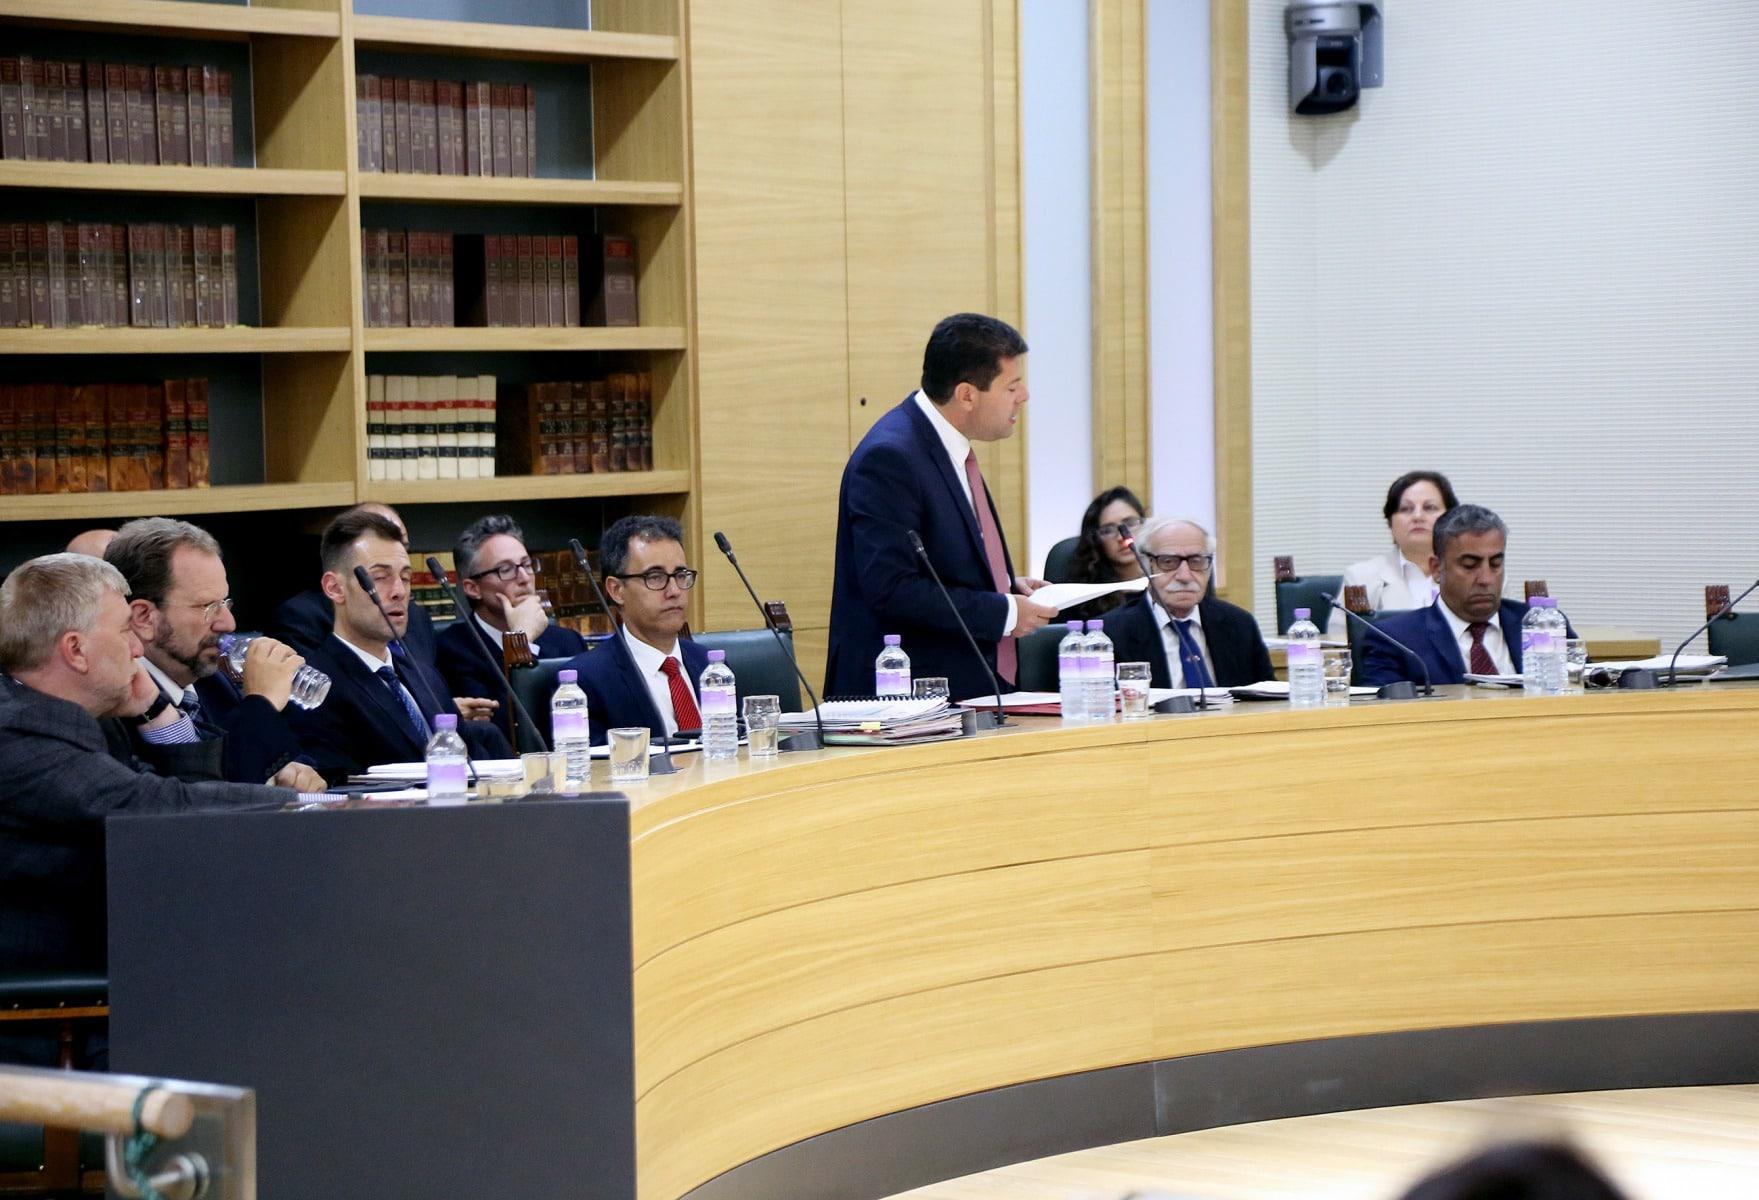 24-jun-2016-comparecencia-de-fabin-picardo-en-el-parlamento-de-gibraltar-tras-referndum-permanencia-ru-en-ue-9_27878396025_o